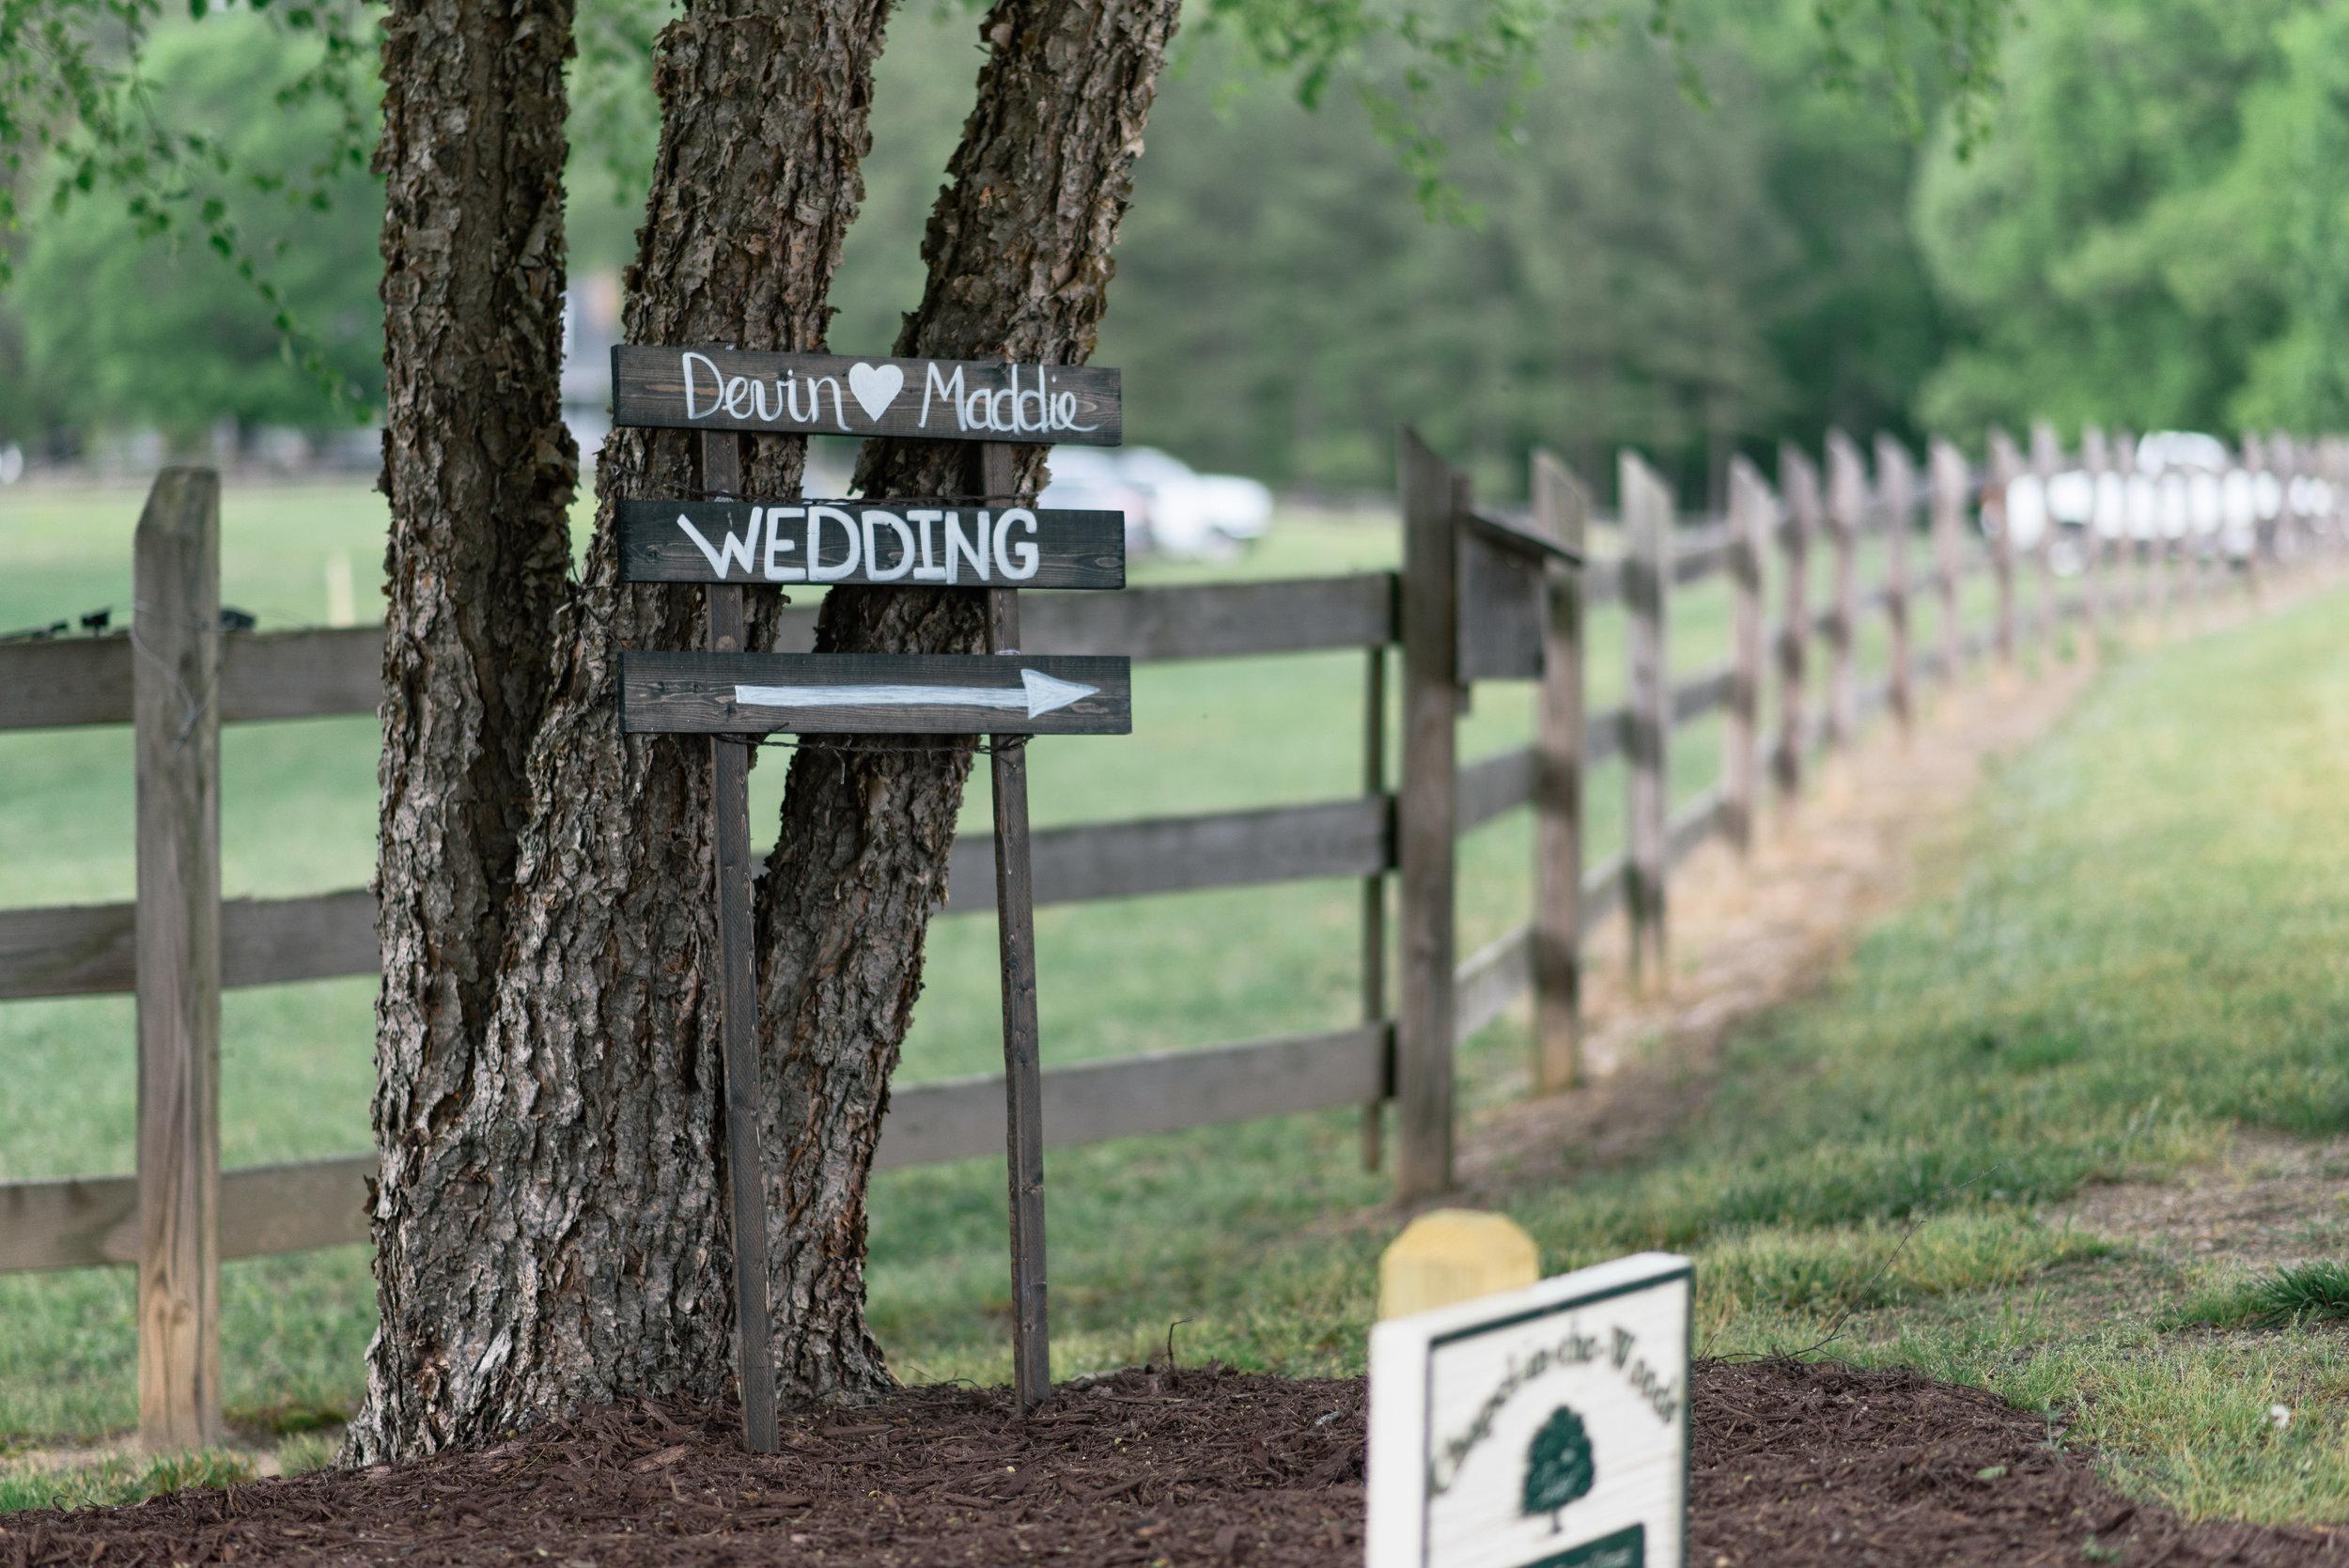 raleigh-elopement-photographer-raleigh-durham-wedding-maddie-and-devin- (71 of 162).jpg